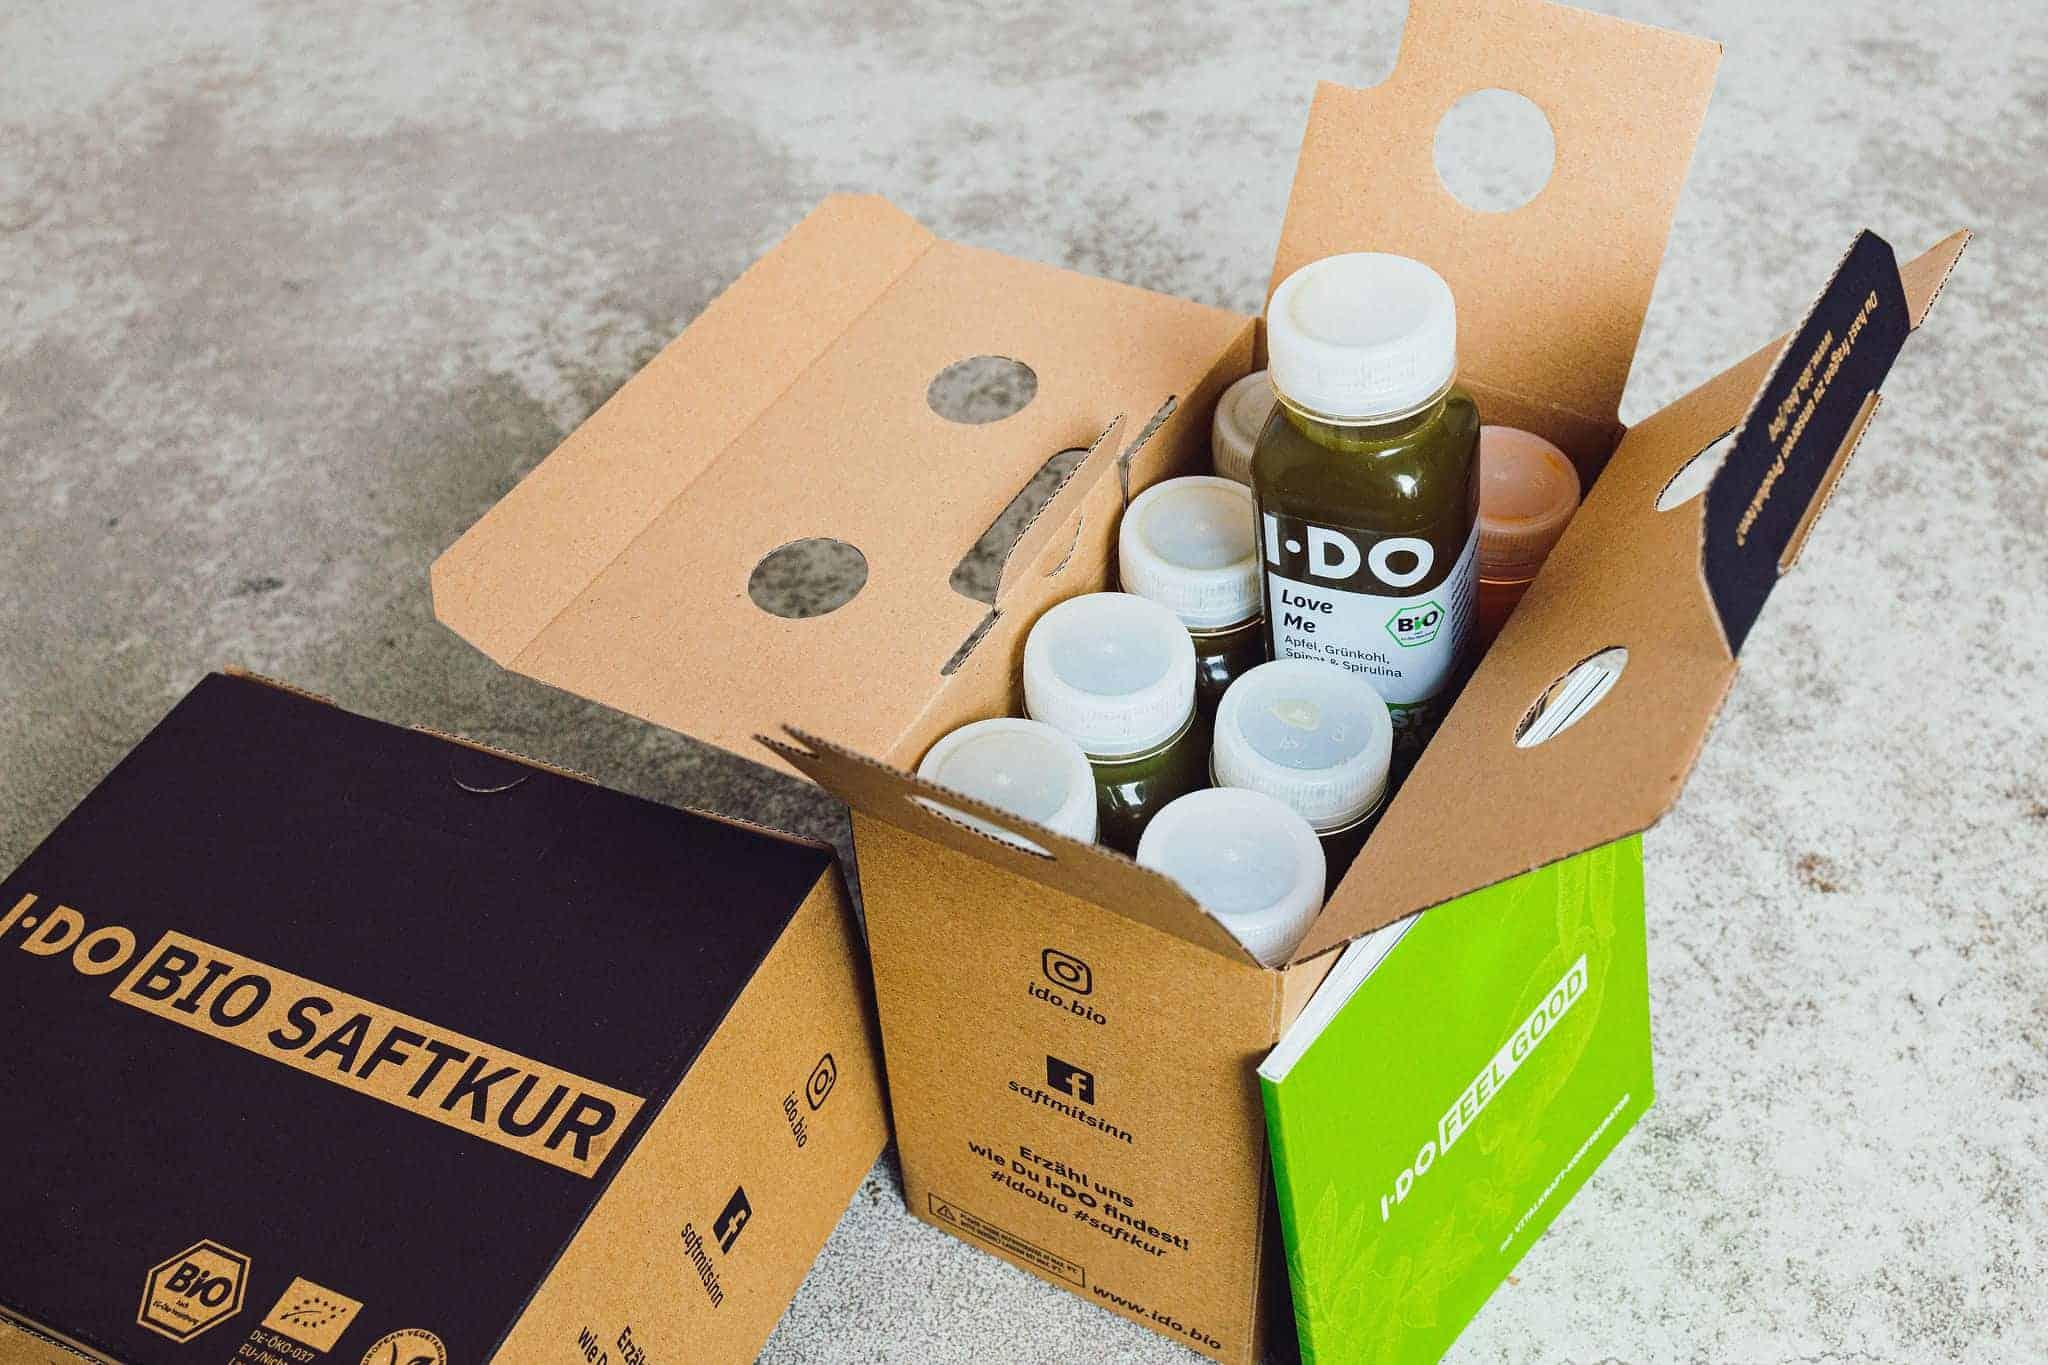 I·DO Bio Saft Detox Kur Tages-Box, 2 bis 12 Tage Saftfasten mit 8 frischen vorwiegend grünen Säften pro Tag